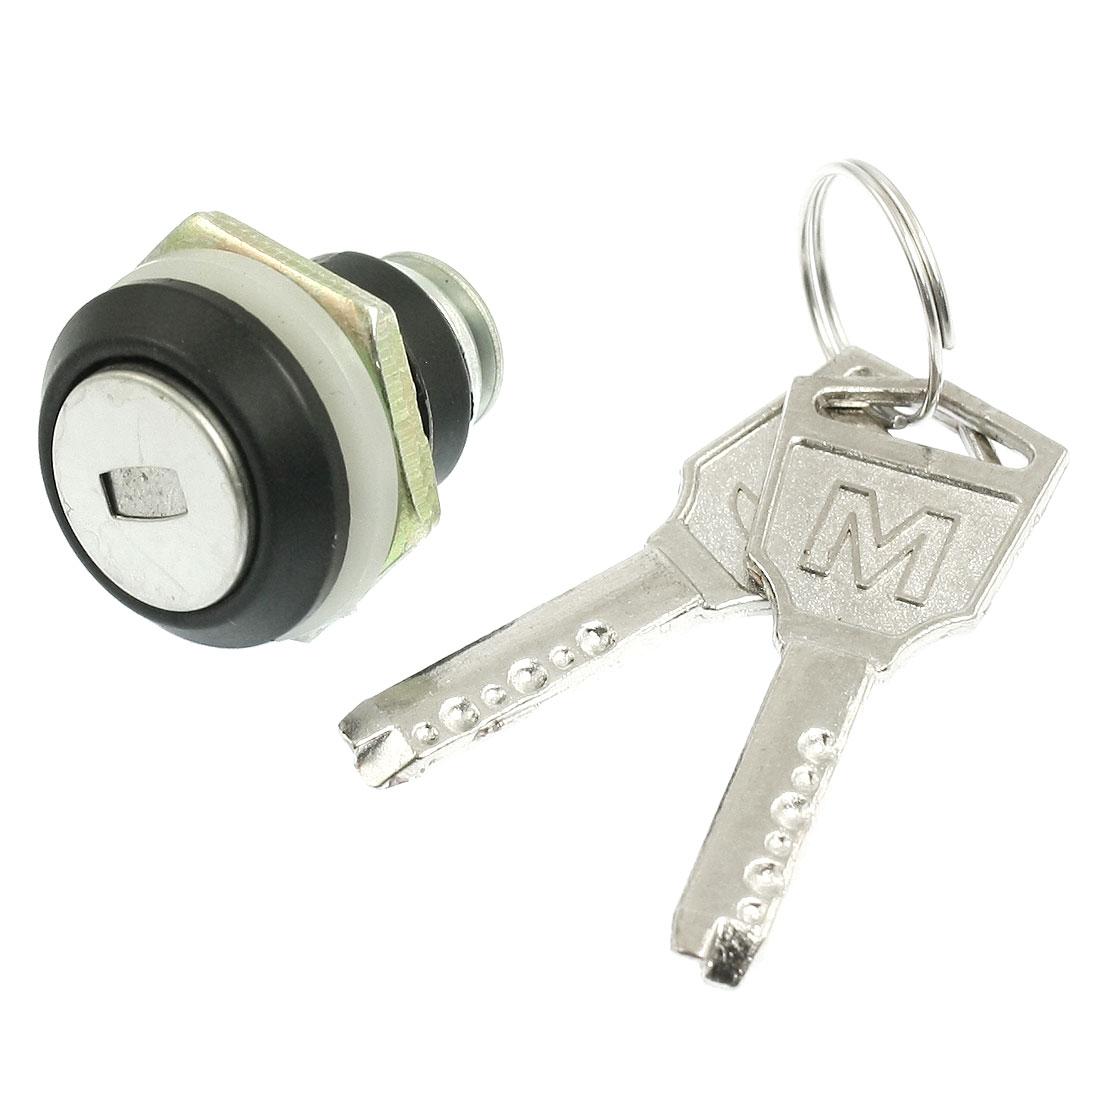 Cabinet Doors 17mm Dia Male Thread Cam Lock w 2 Pcs Keys